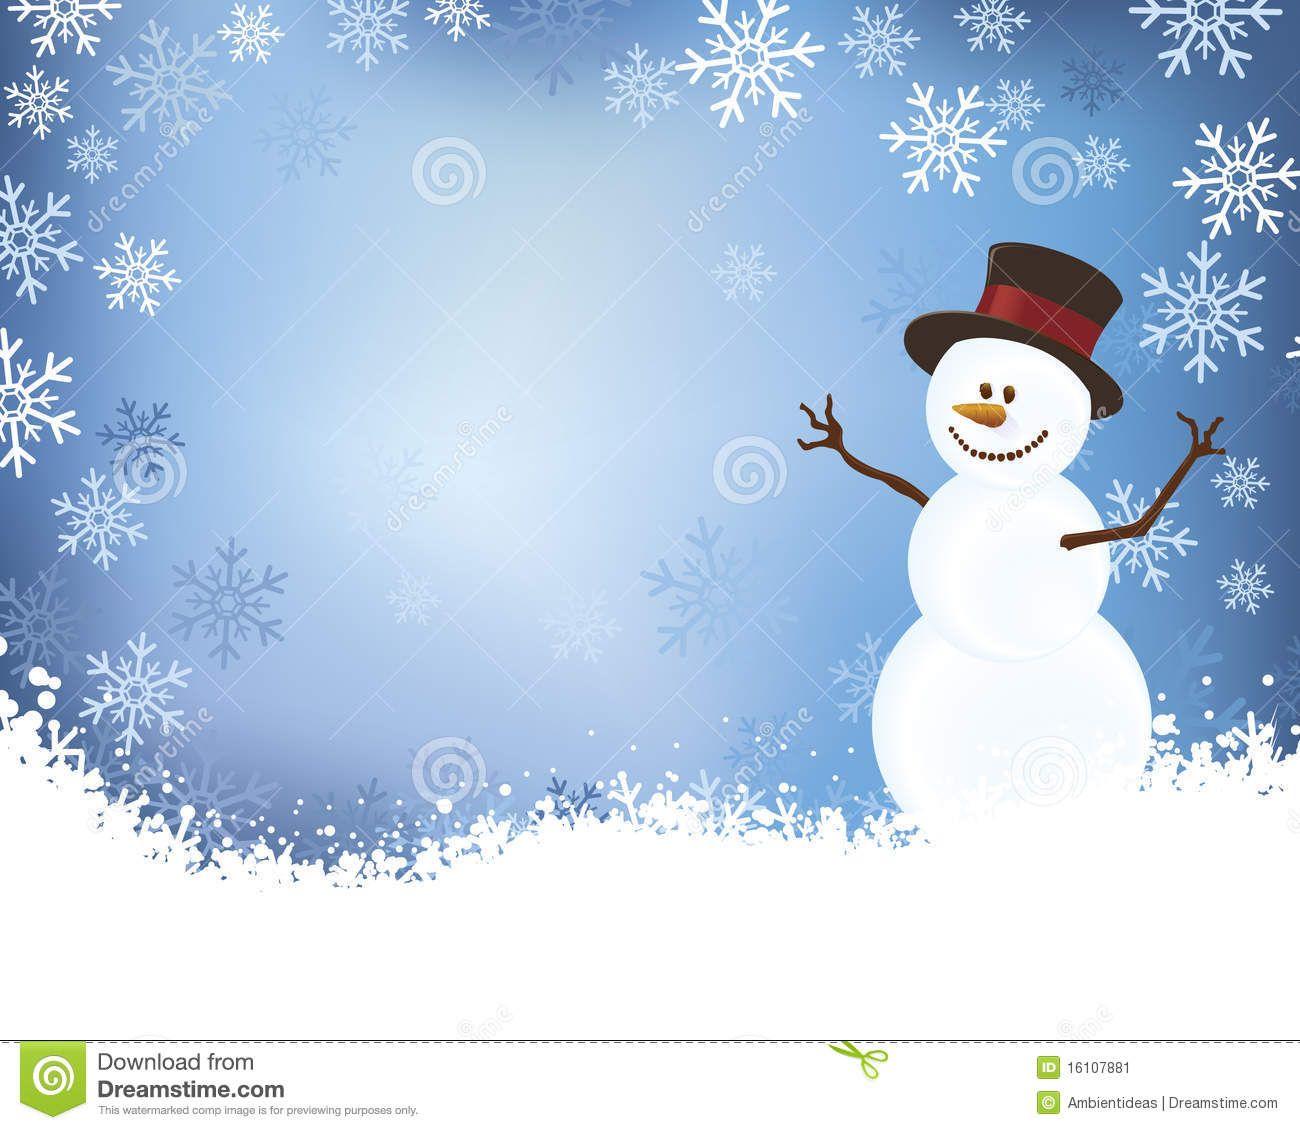 Snowman blue winter.